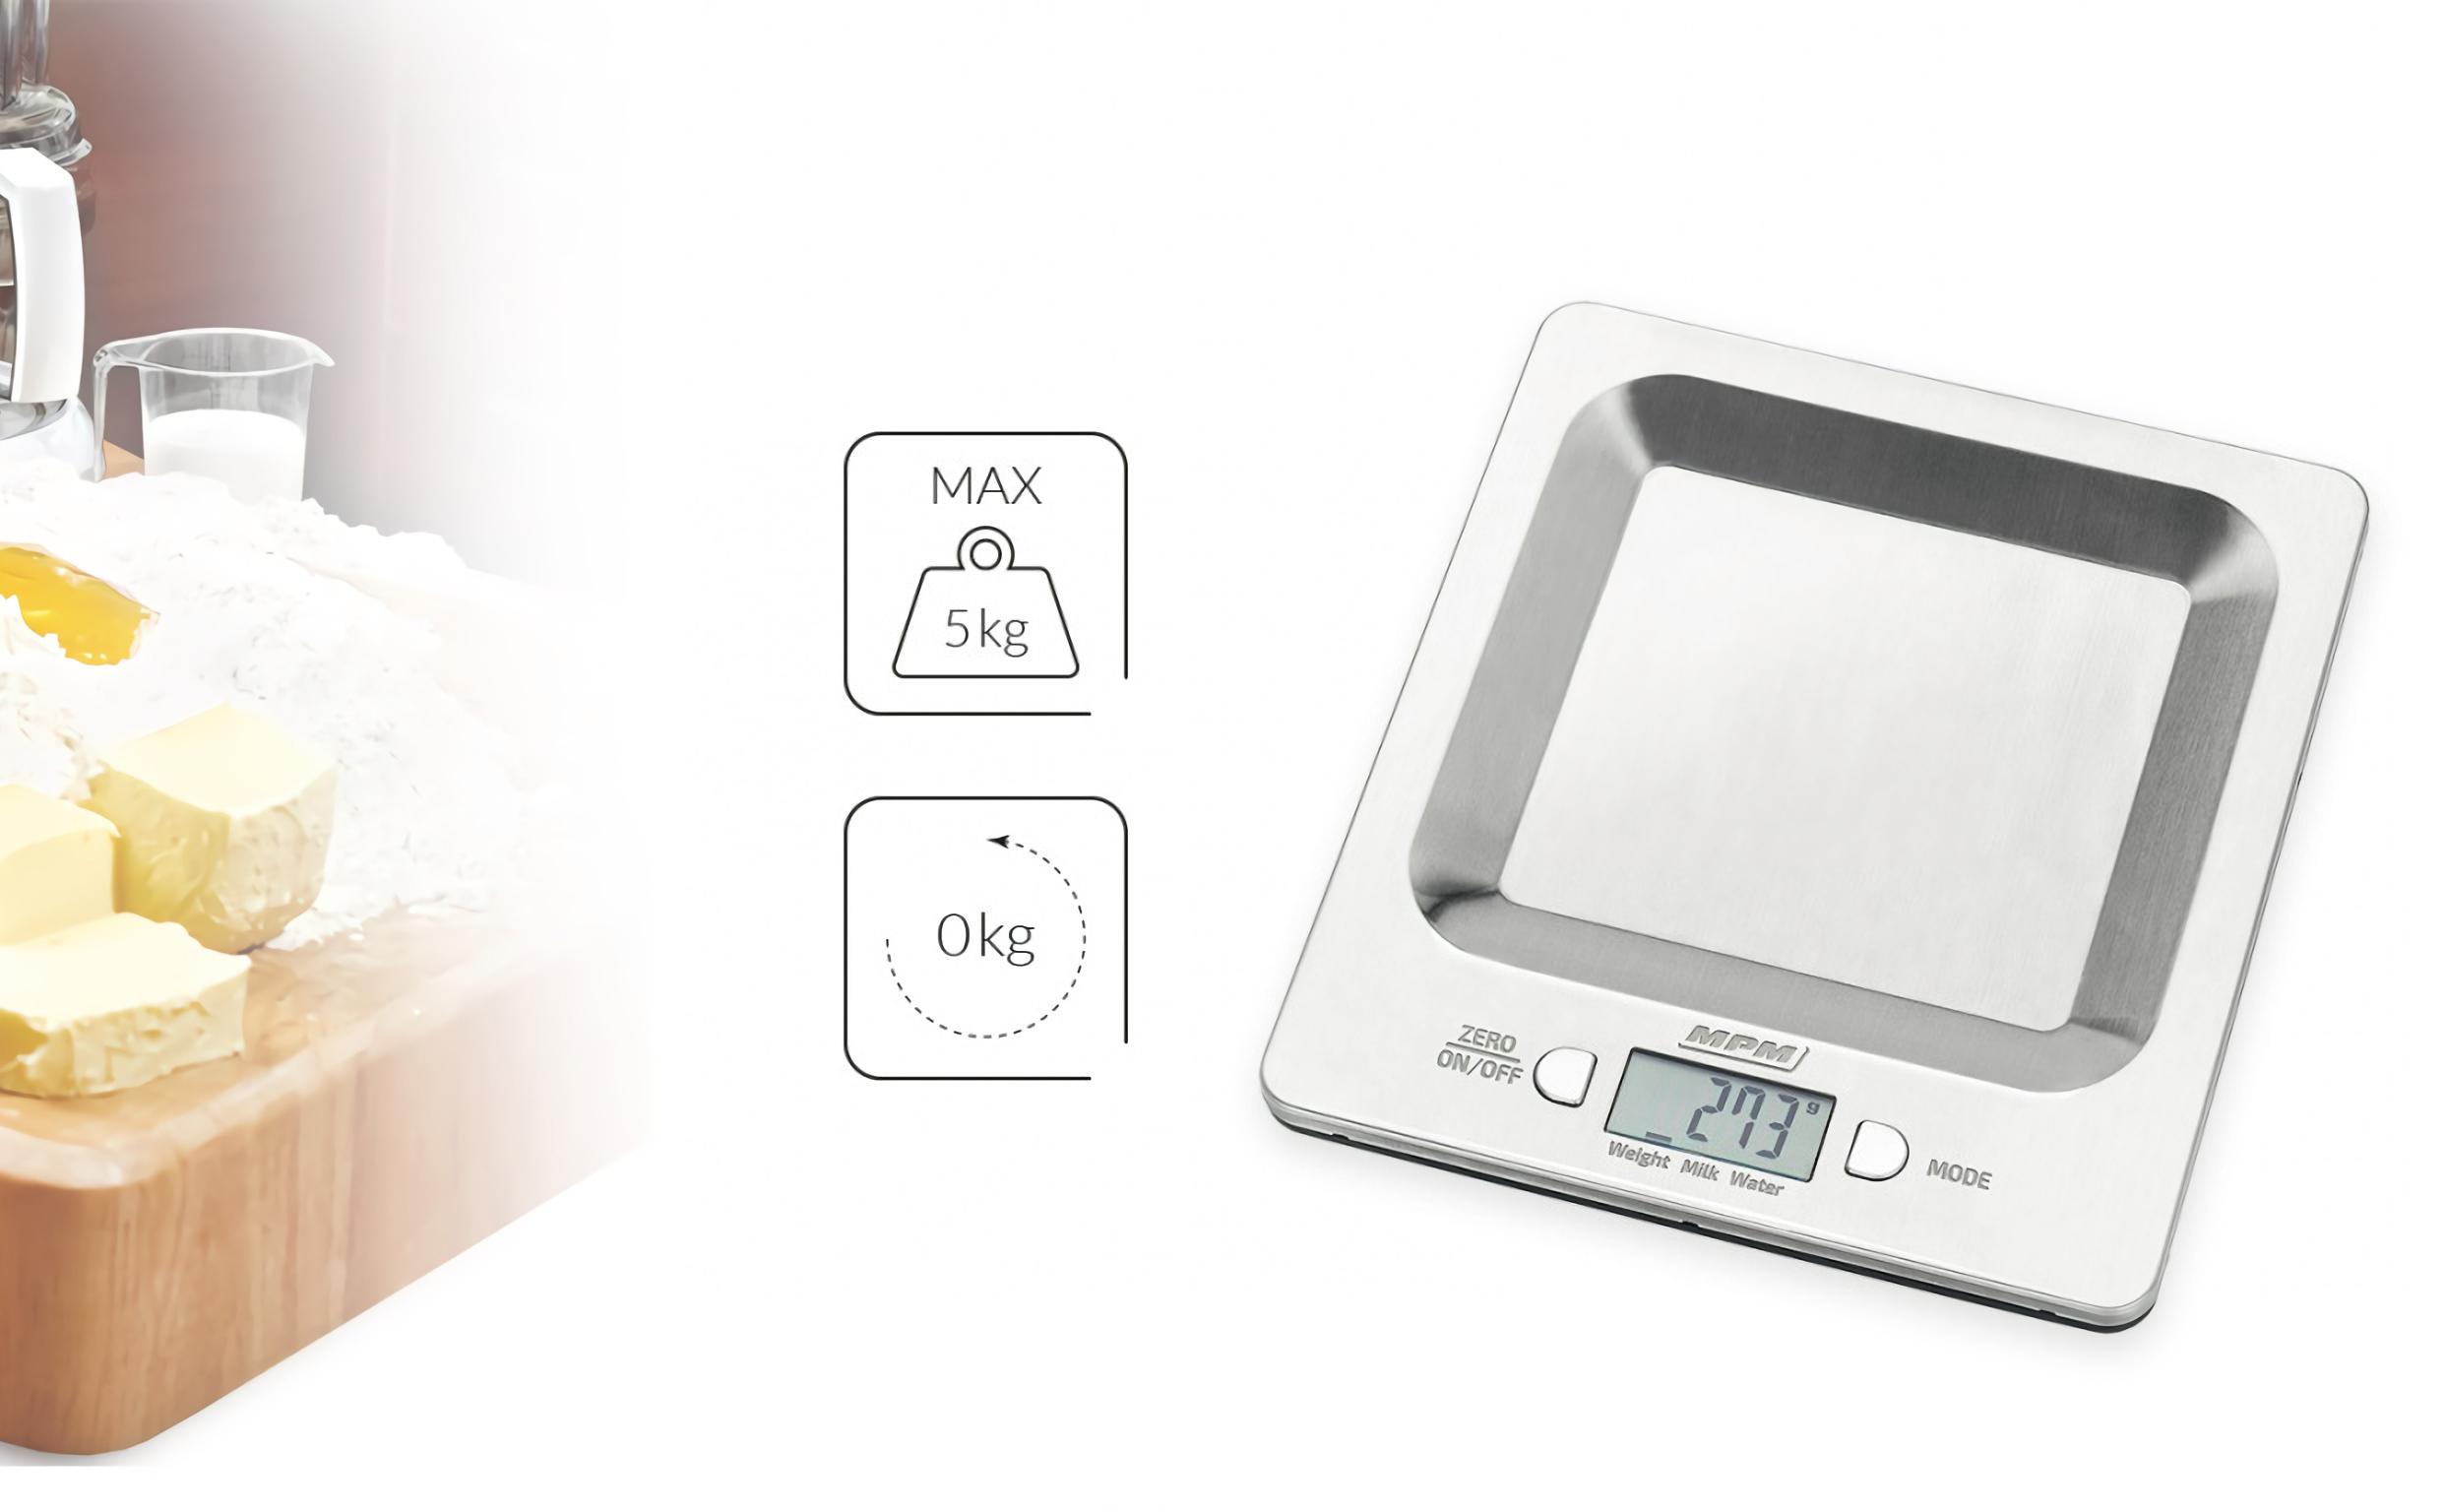 MPM MWK-04M Báscula de cocina digital de acero inoxidable, alta precisión pasos 1g pesa alimentos hasta 5Kg, display LCD, función tara, multifunción